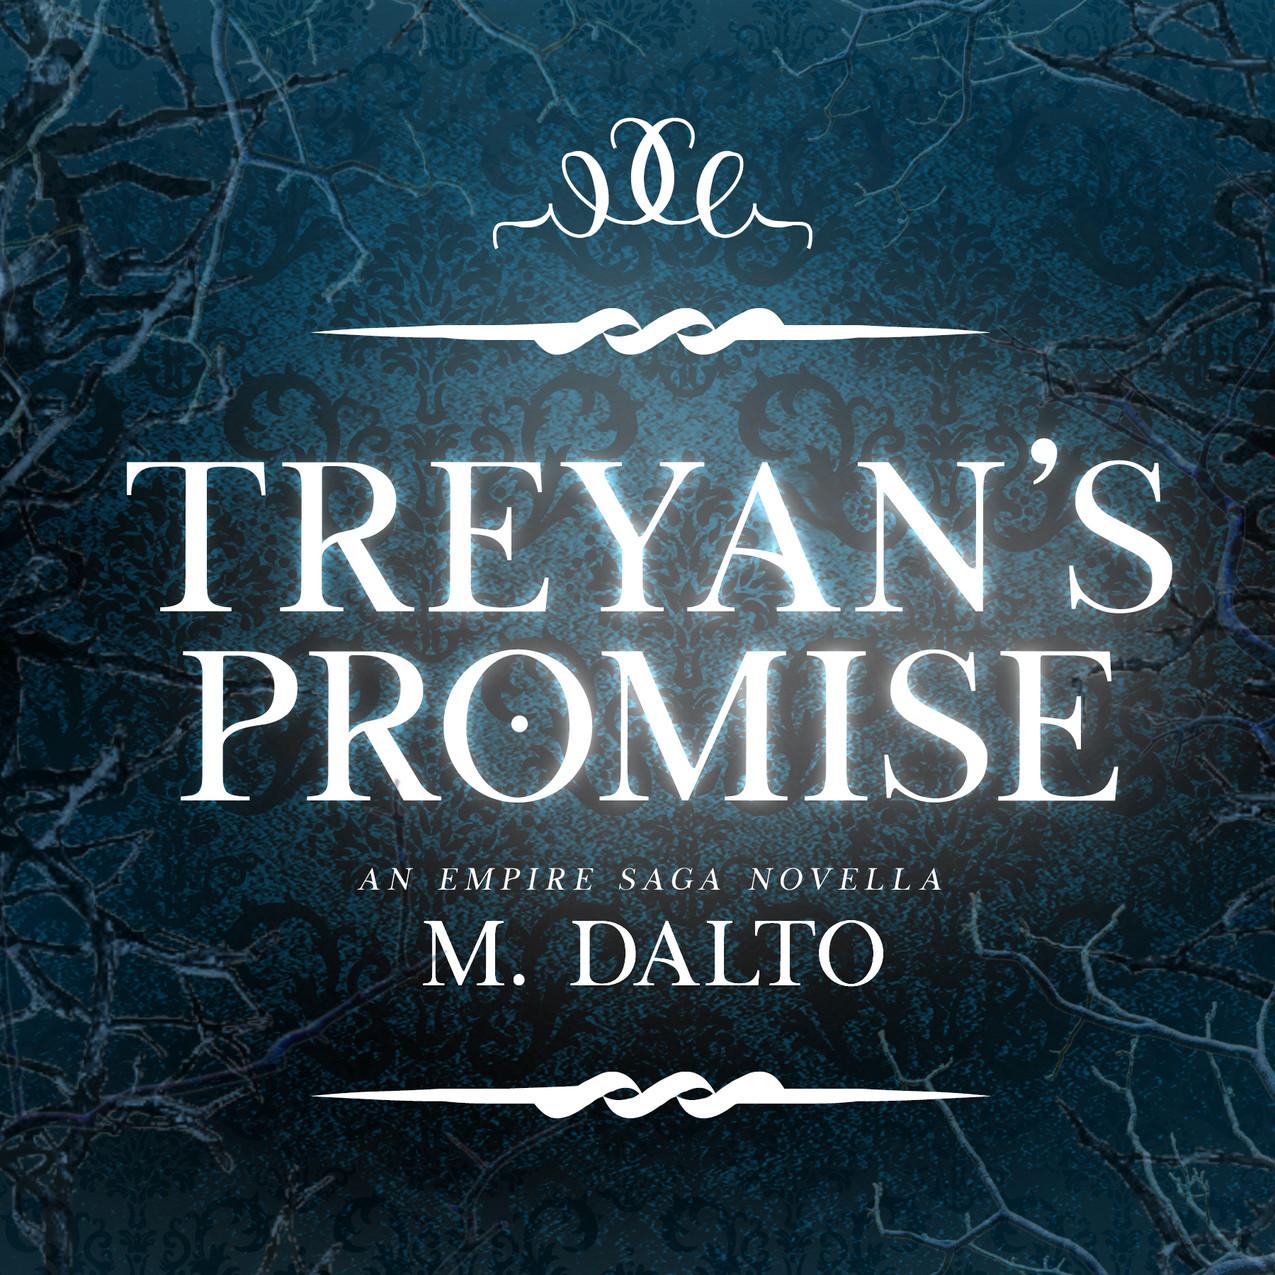 Treyan's Promise Novella